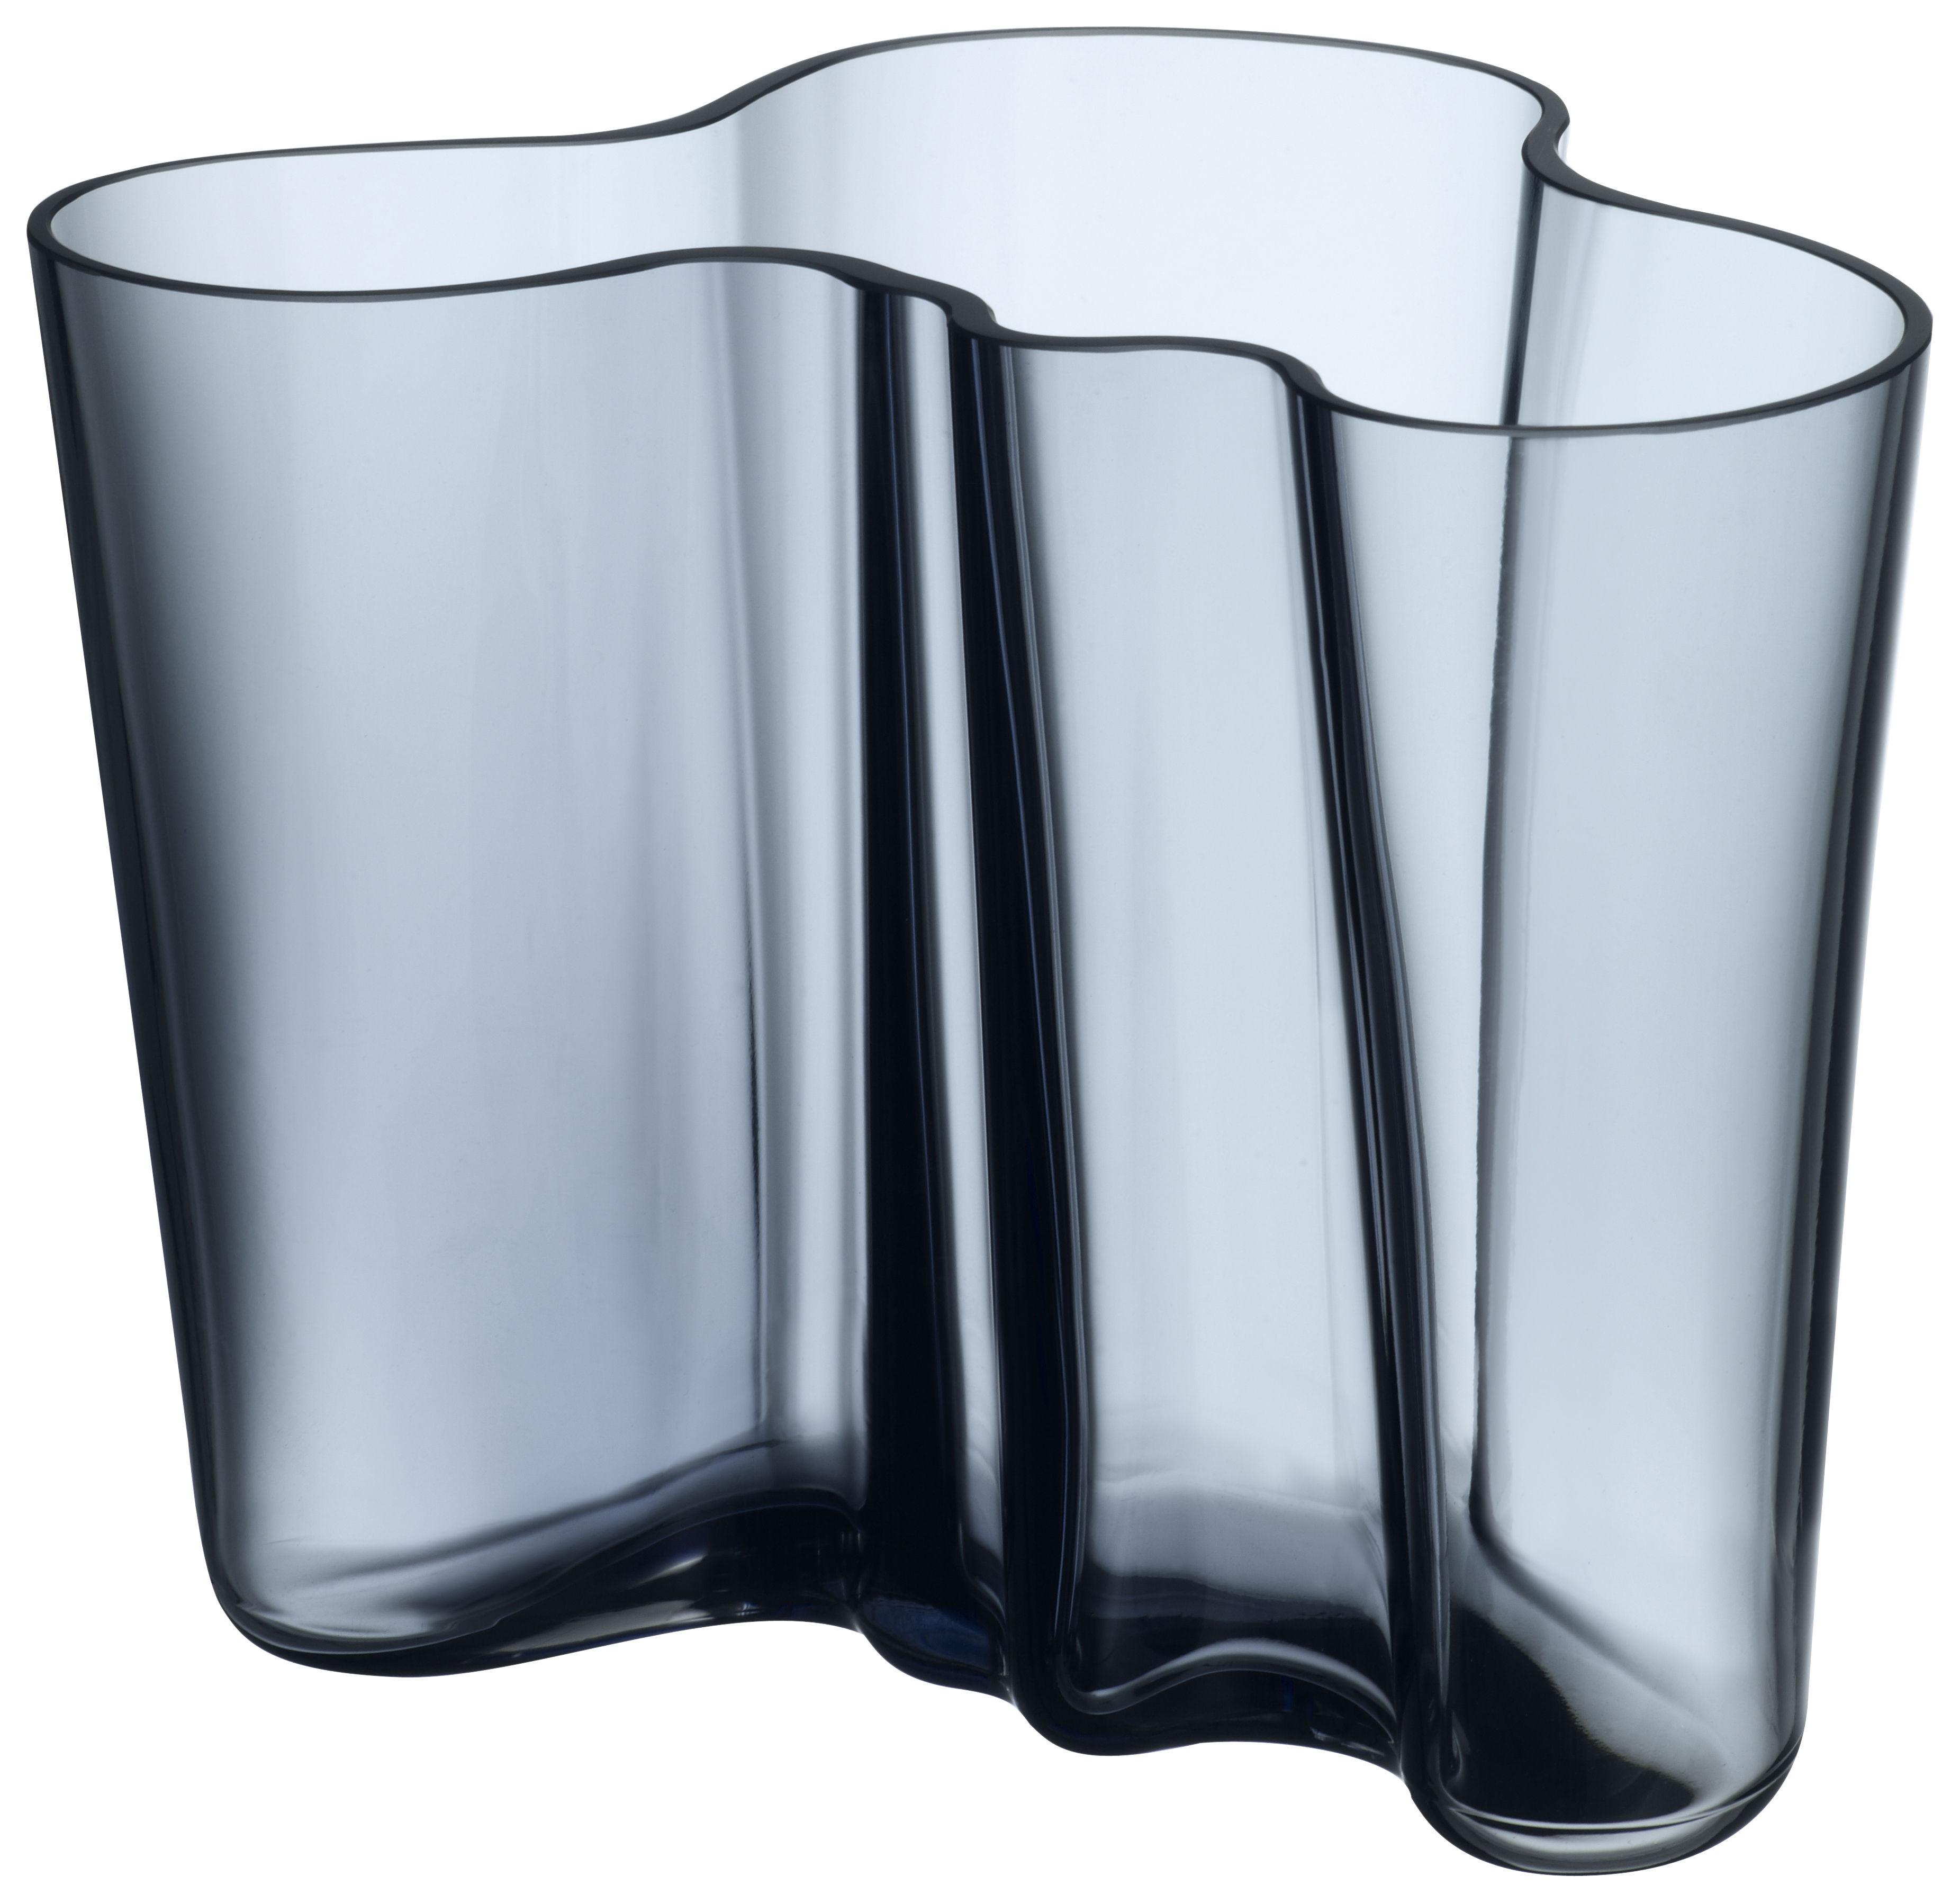 Déco - Vases - Vase Aalto / H 16 cm - Iittala - Gris orage - Verre soufflé